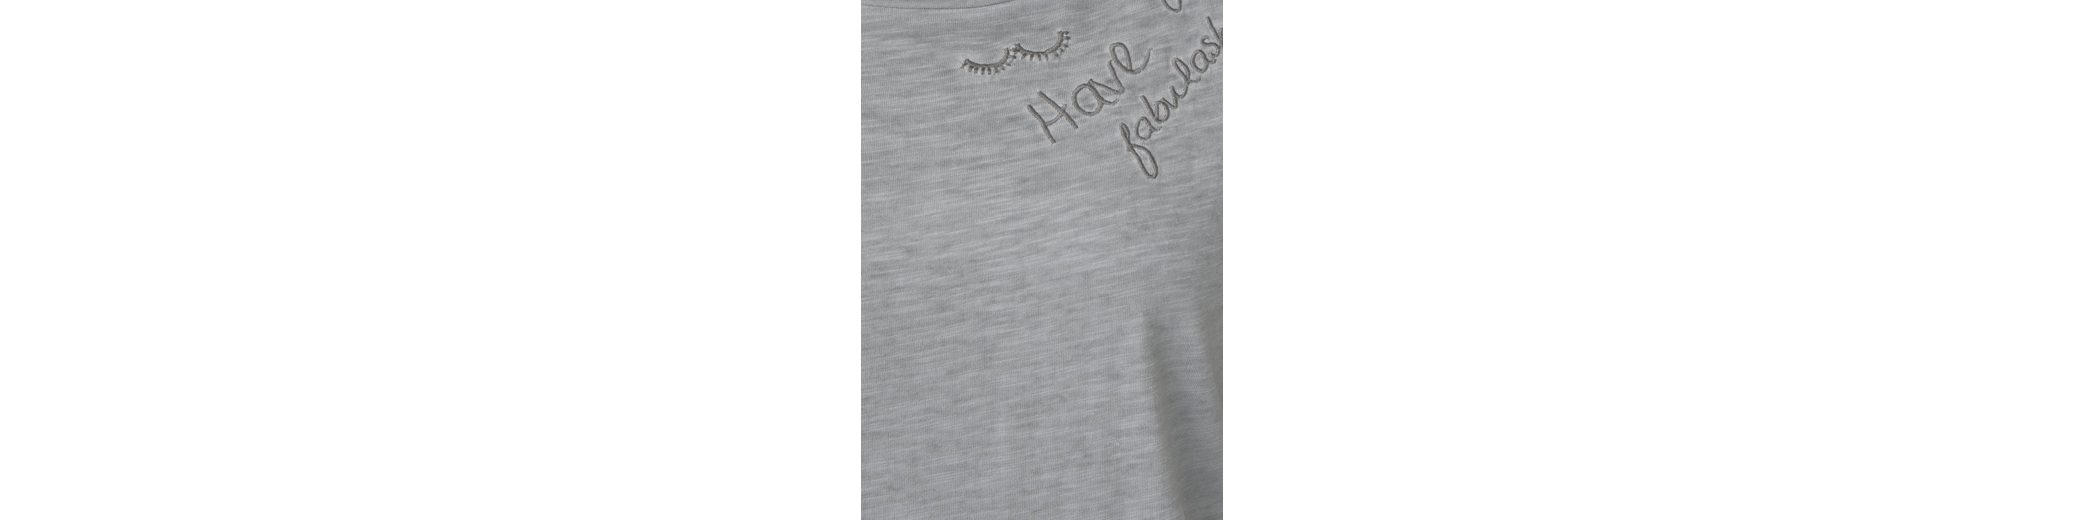 Günstig Kaufen Schnelle Lieferung Günstig Kaufen Mit Paypal CECIL 3/4-Arm Shirt mit Wordings 2018 Rabatt uJzXGa8